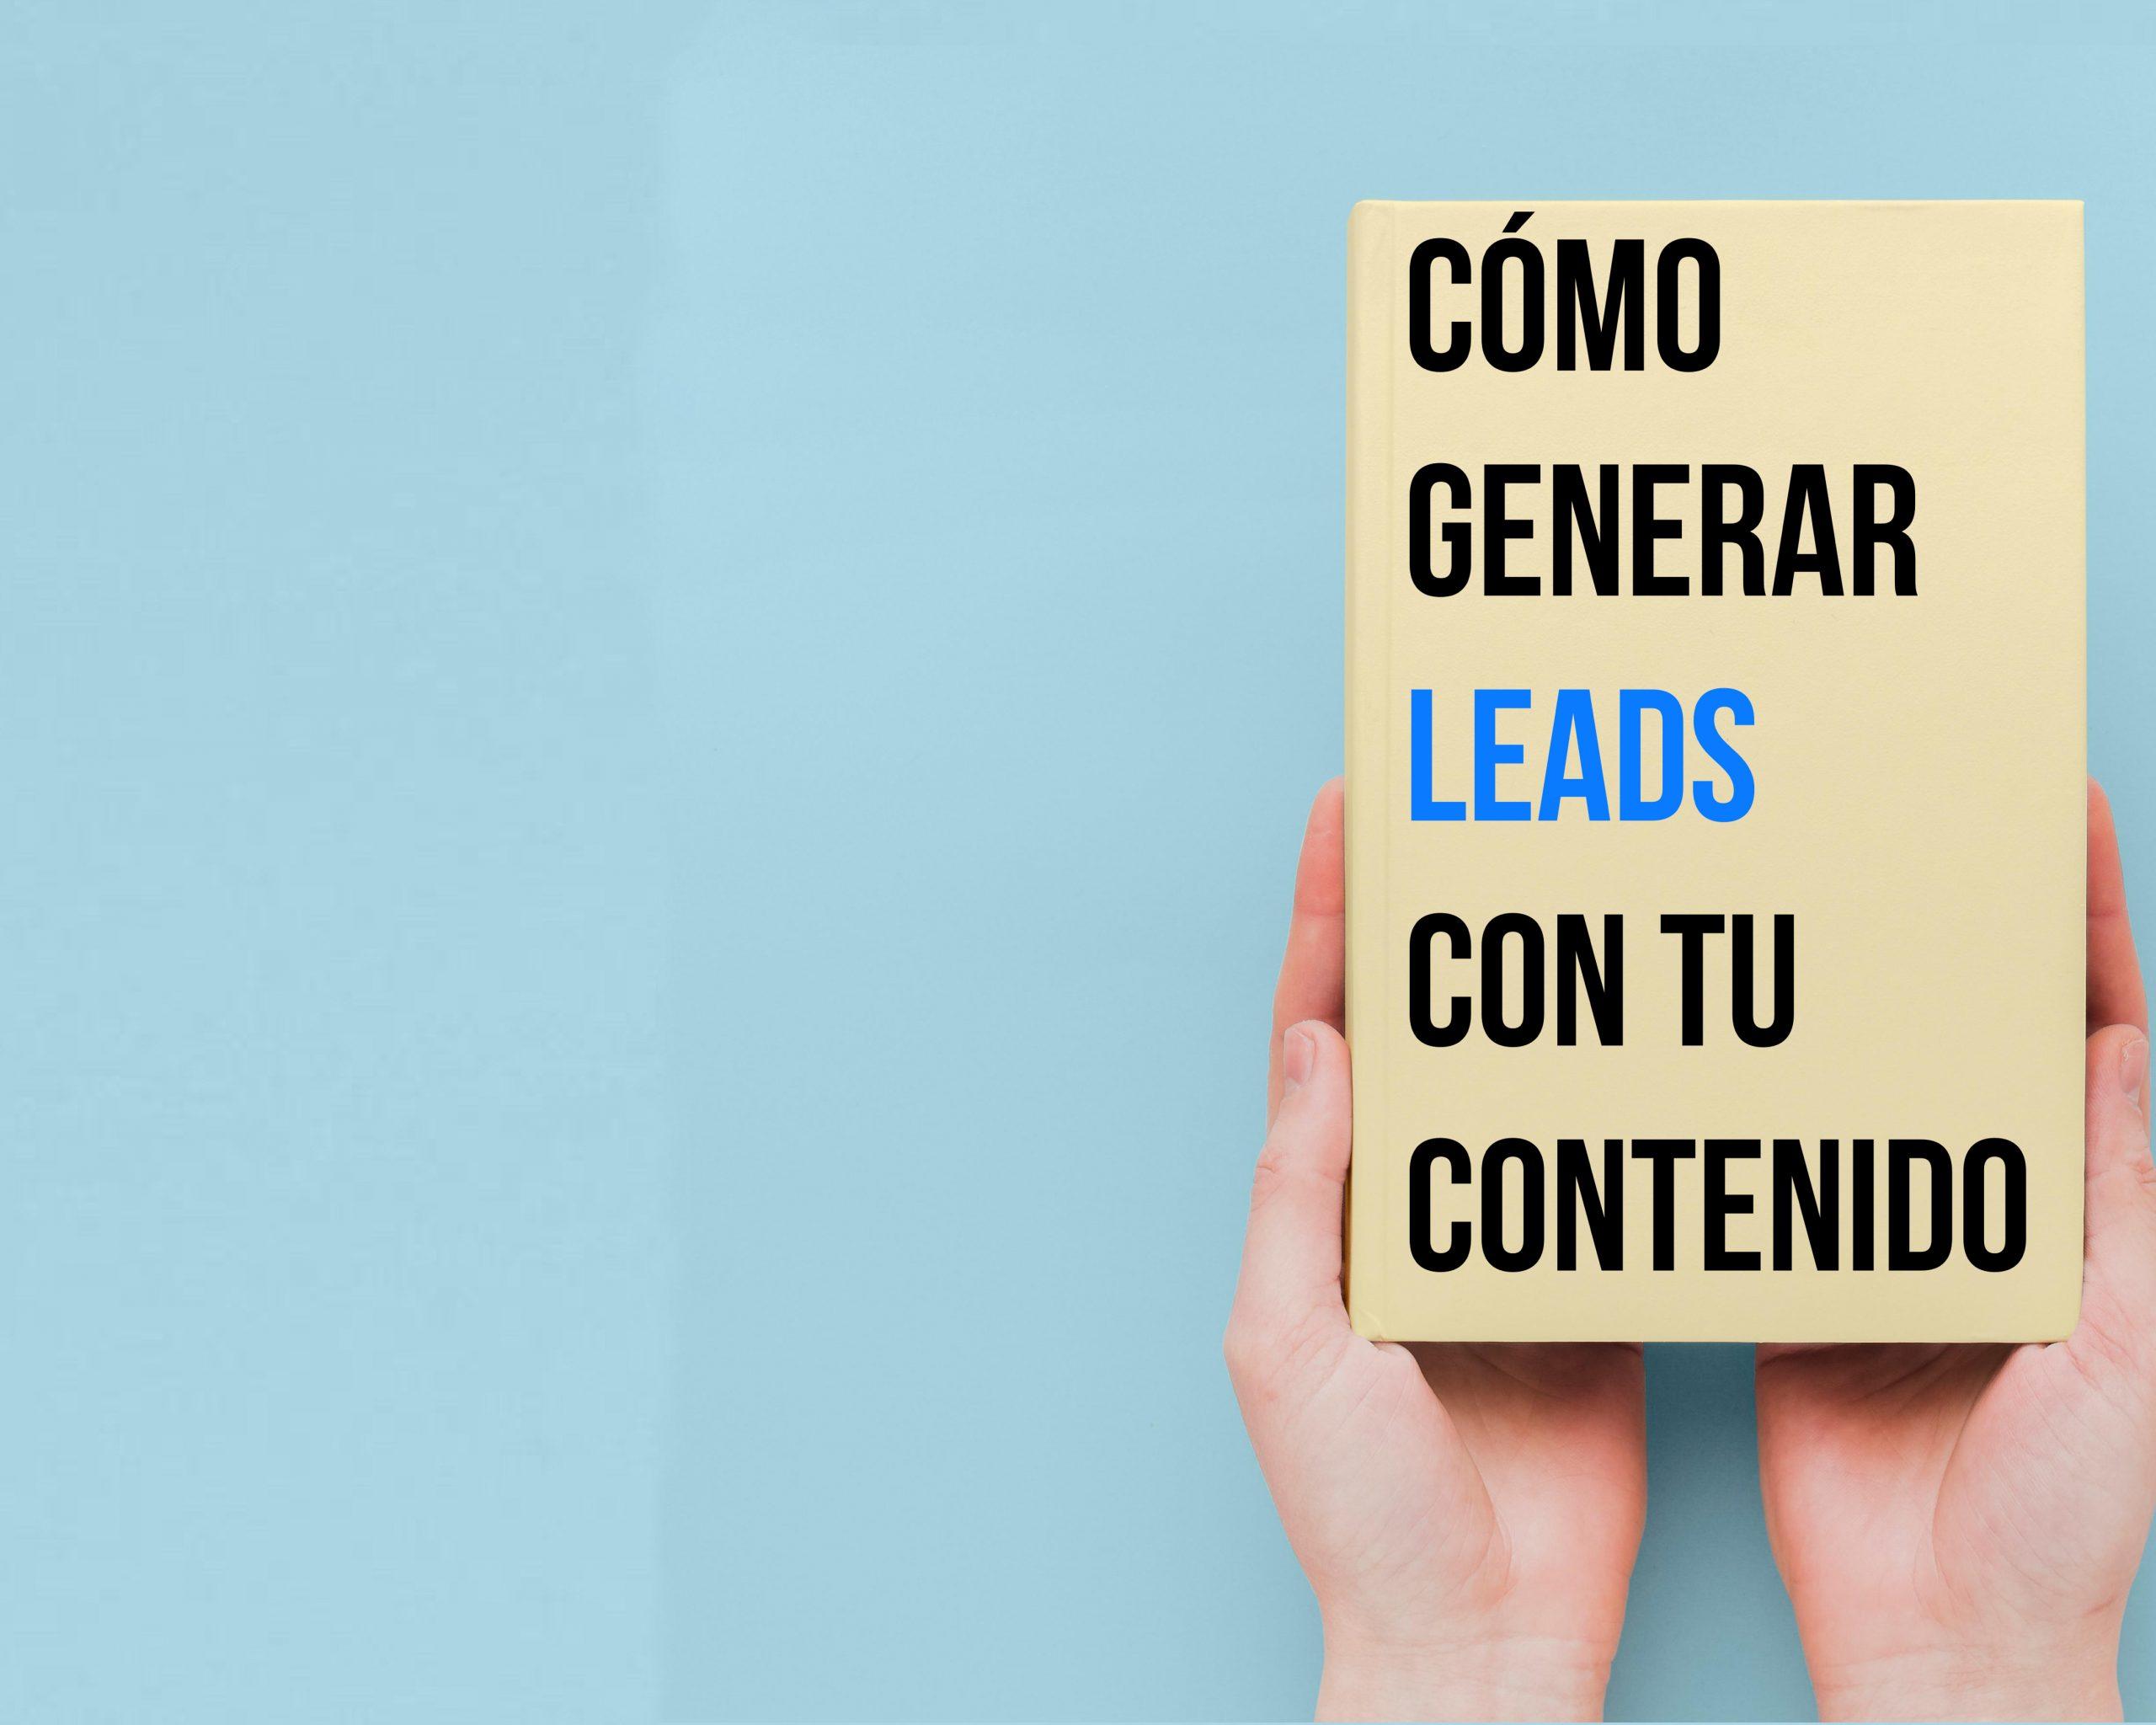 Cómo generar leads con tu contenido 1